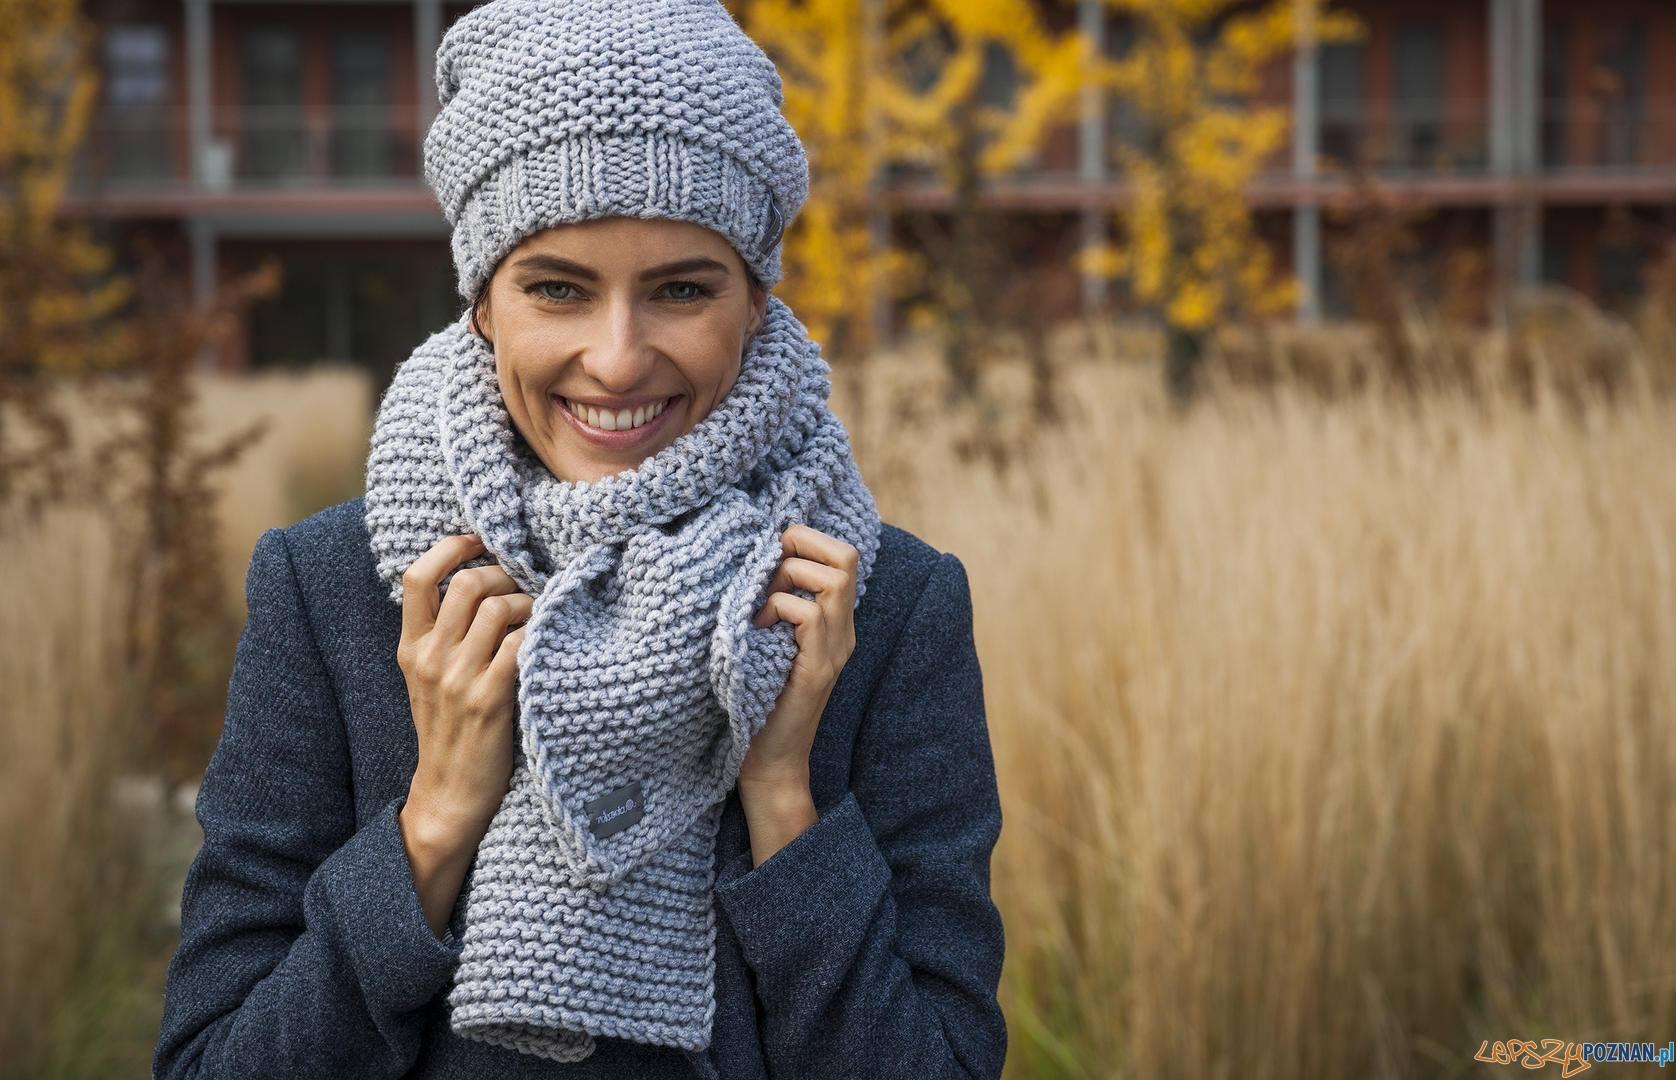 Świąteczny Wolny Targ - MOTKARNIA to rodzinna marka, której misją jest wyczarowywanie ubrań i dodatków z najwyższej jakości włóczek. Piękne, ciepłe i niepowtarzalne!